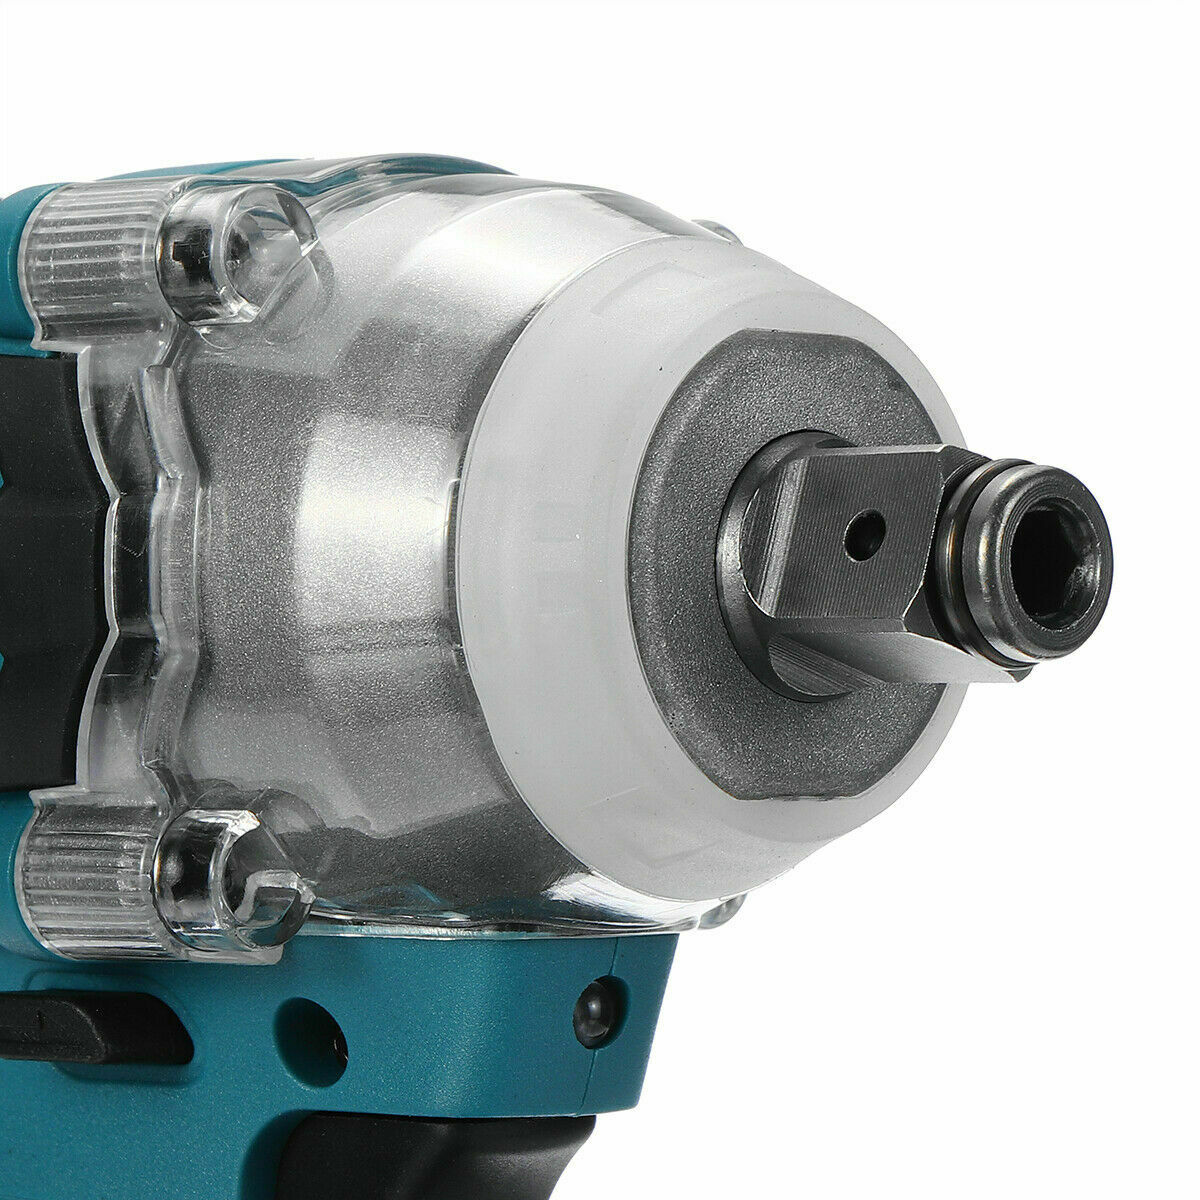 18V 520 Nm Drehmoment Akku-Schlagschrauber Ersatz passt für Makita DTW285Z Akku!